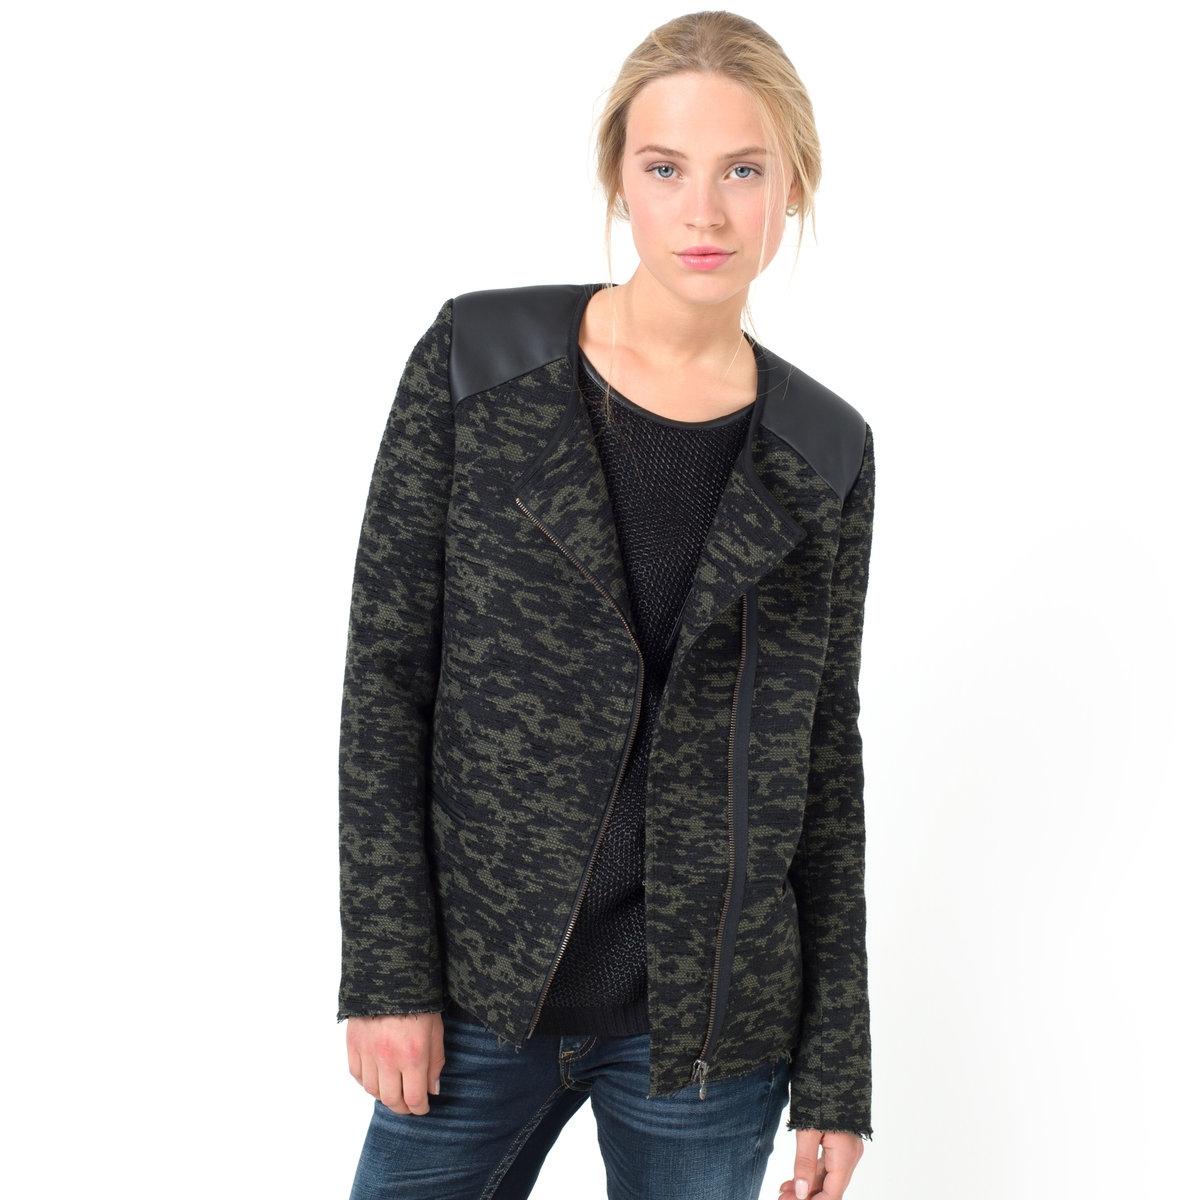 Casaco LOLITA jacquard tweed camuflagem